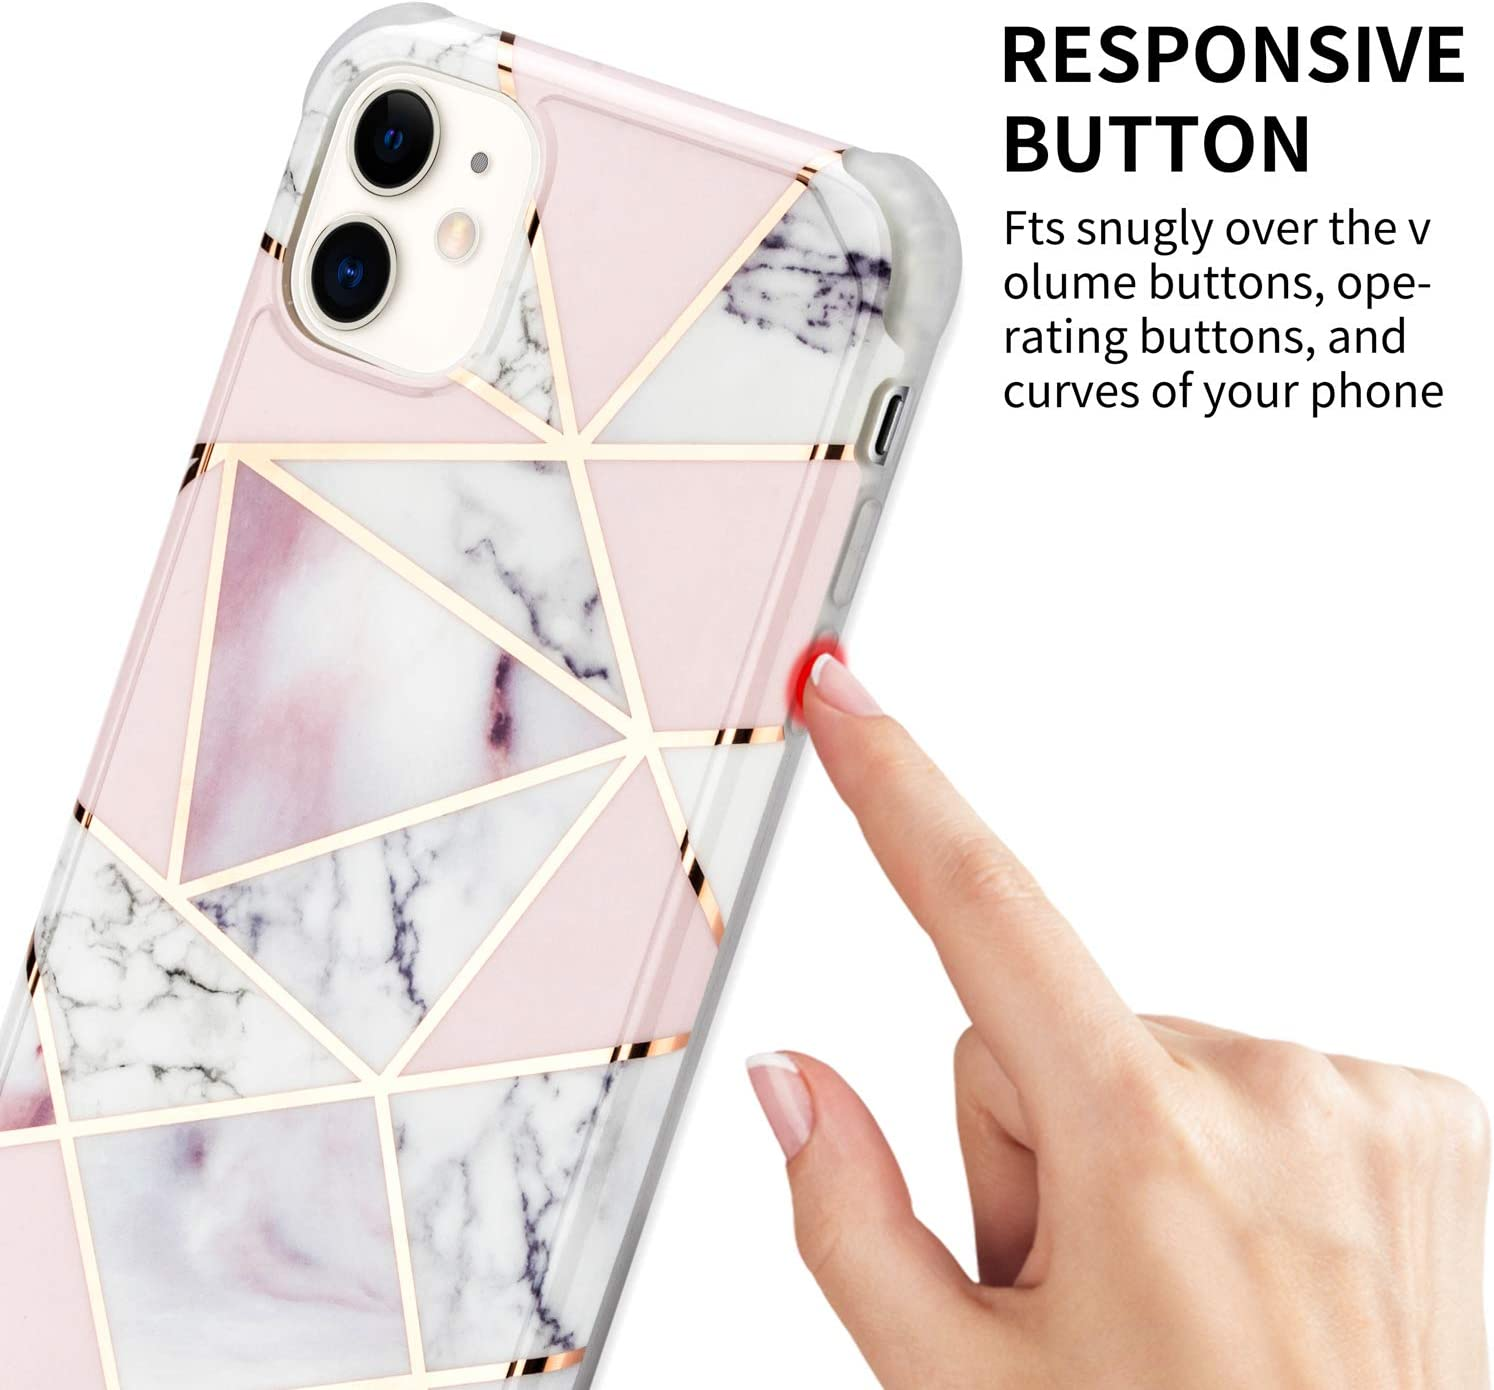 Marbre /à Paillettes avec Collier cha/îne de t/él/éphone /à lani/ère r/églable Case avec iPhone XR WeiCase Silicone Coque Compatible avec iPhone XR